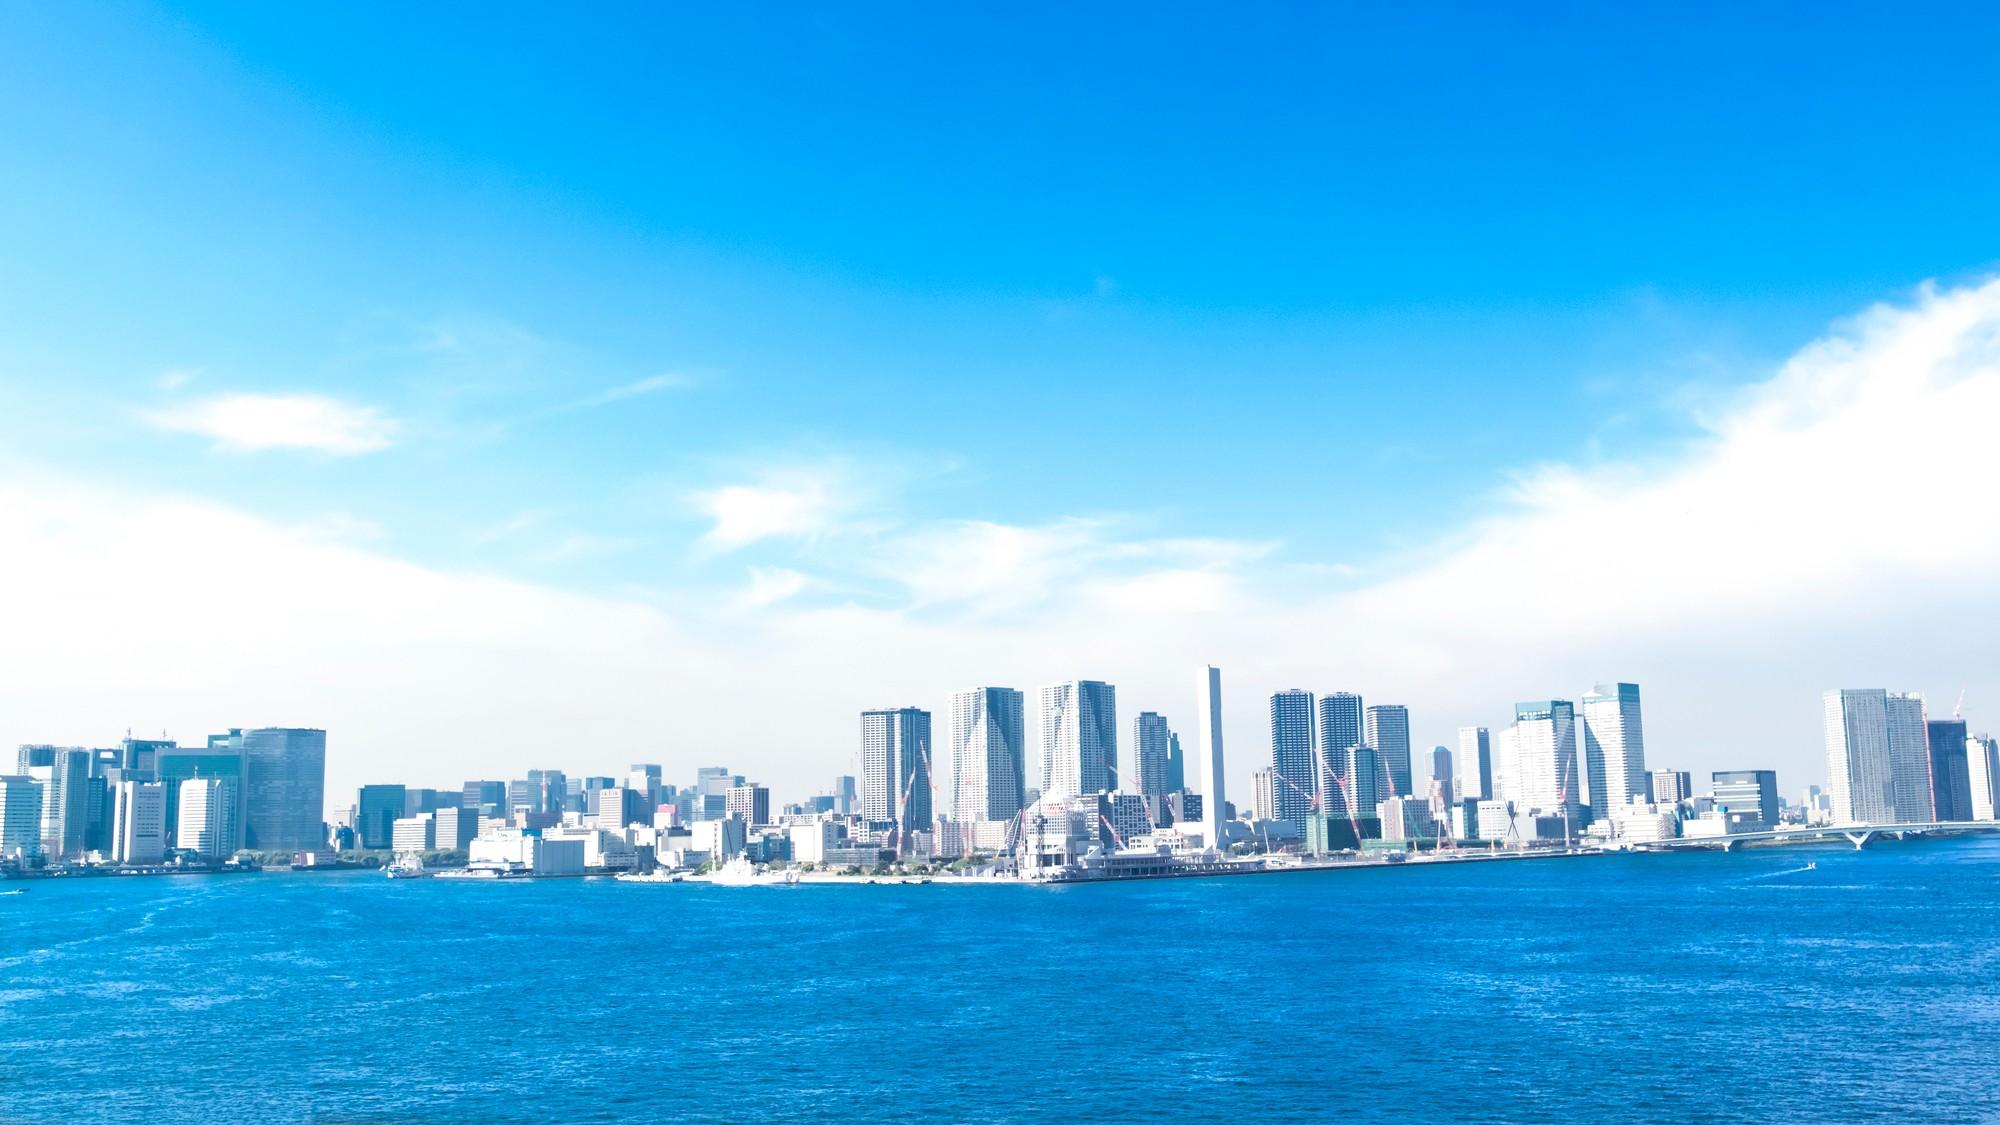 2019年、日本の投資家が描く「不動産投資の戦略」をリサーチ